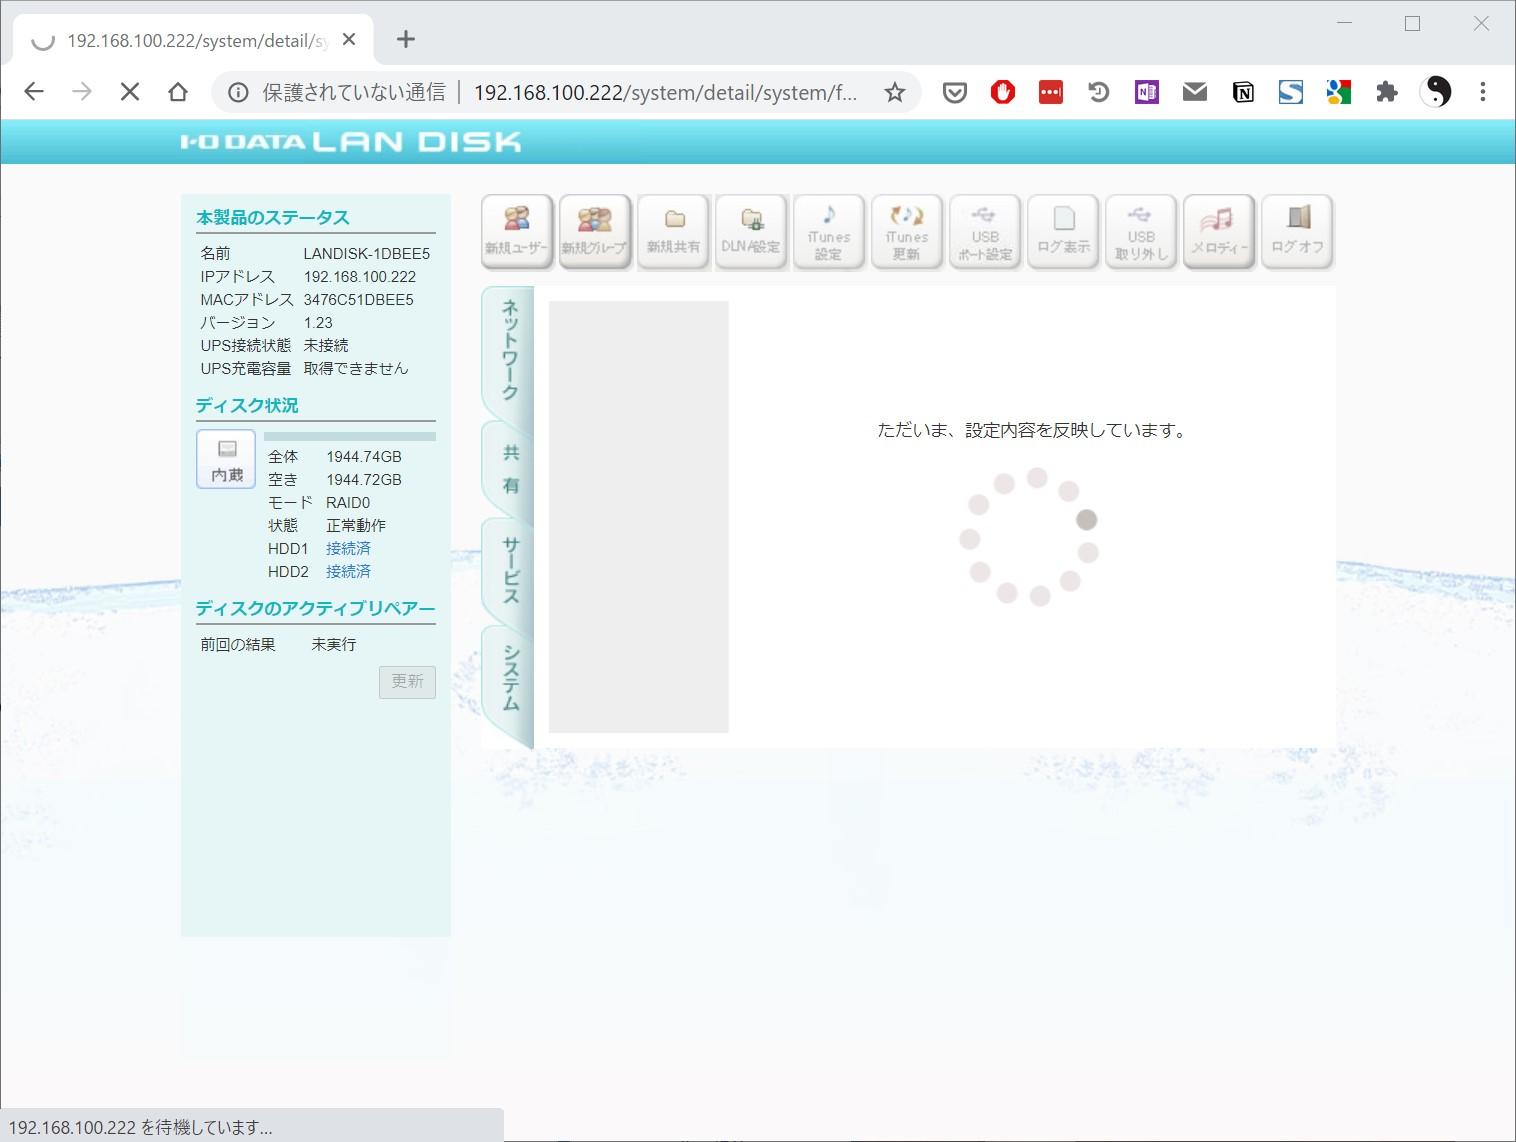 LANDISKのファームウェア通知機能